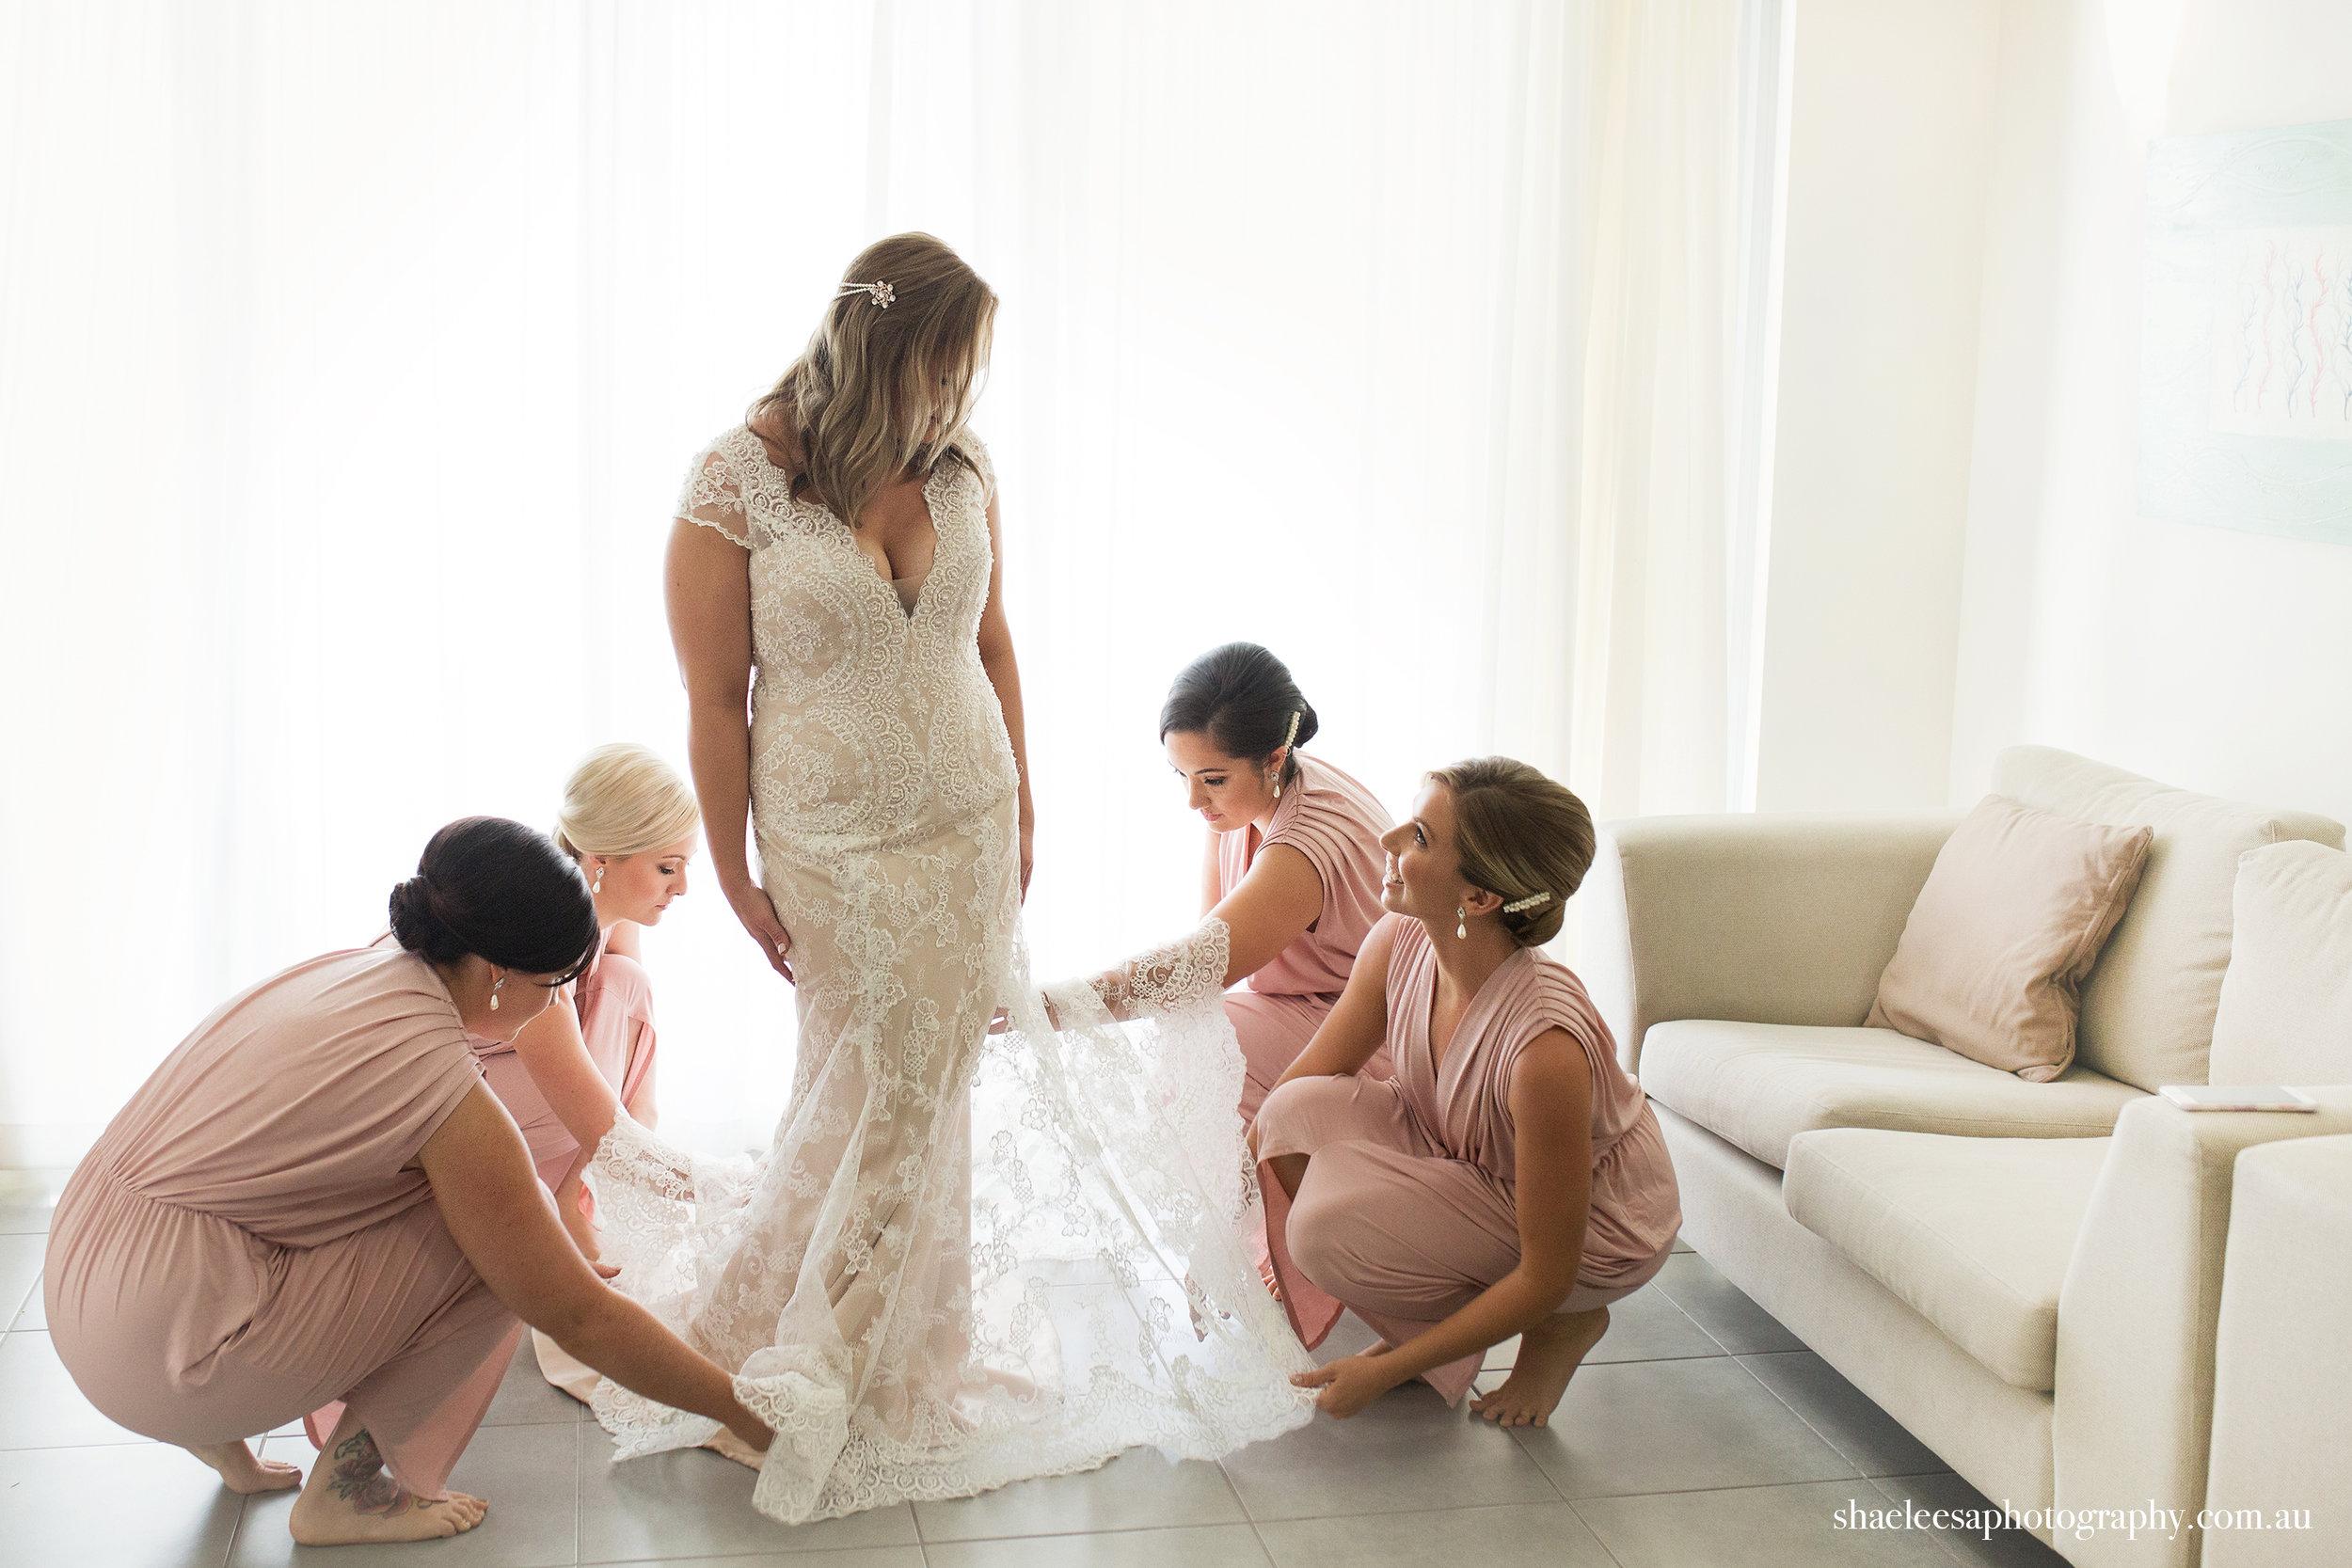 WeddingsByShae_019_McDermid2017.jpg